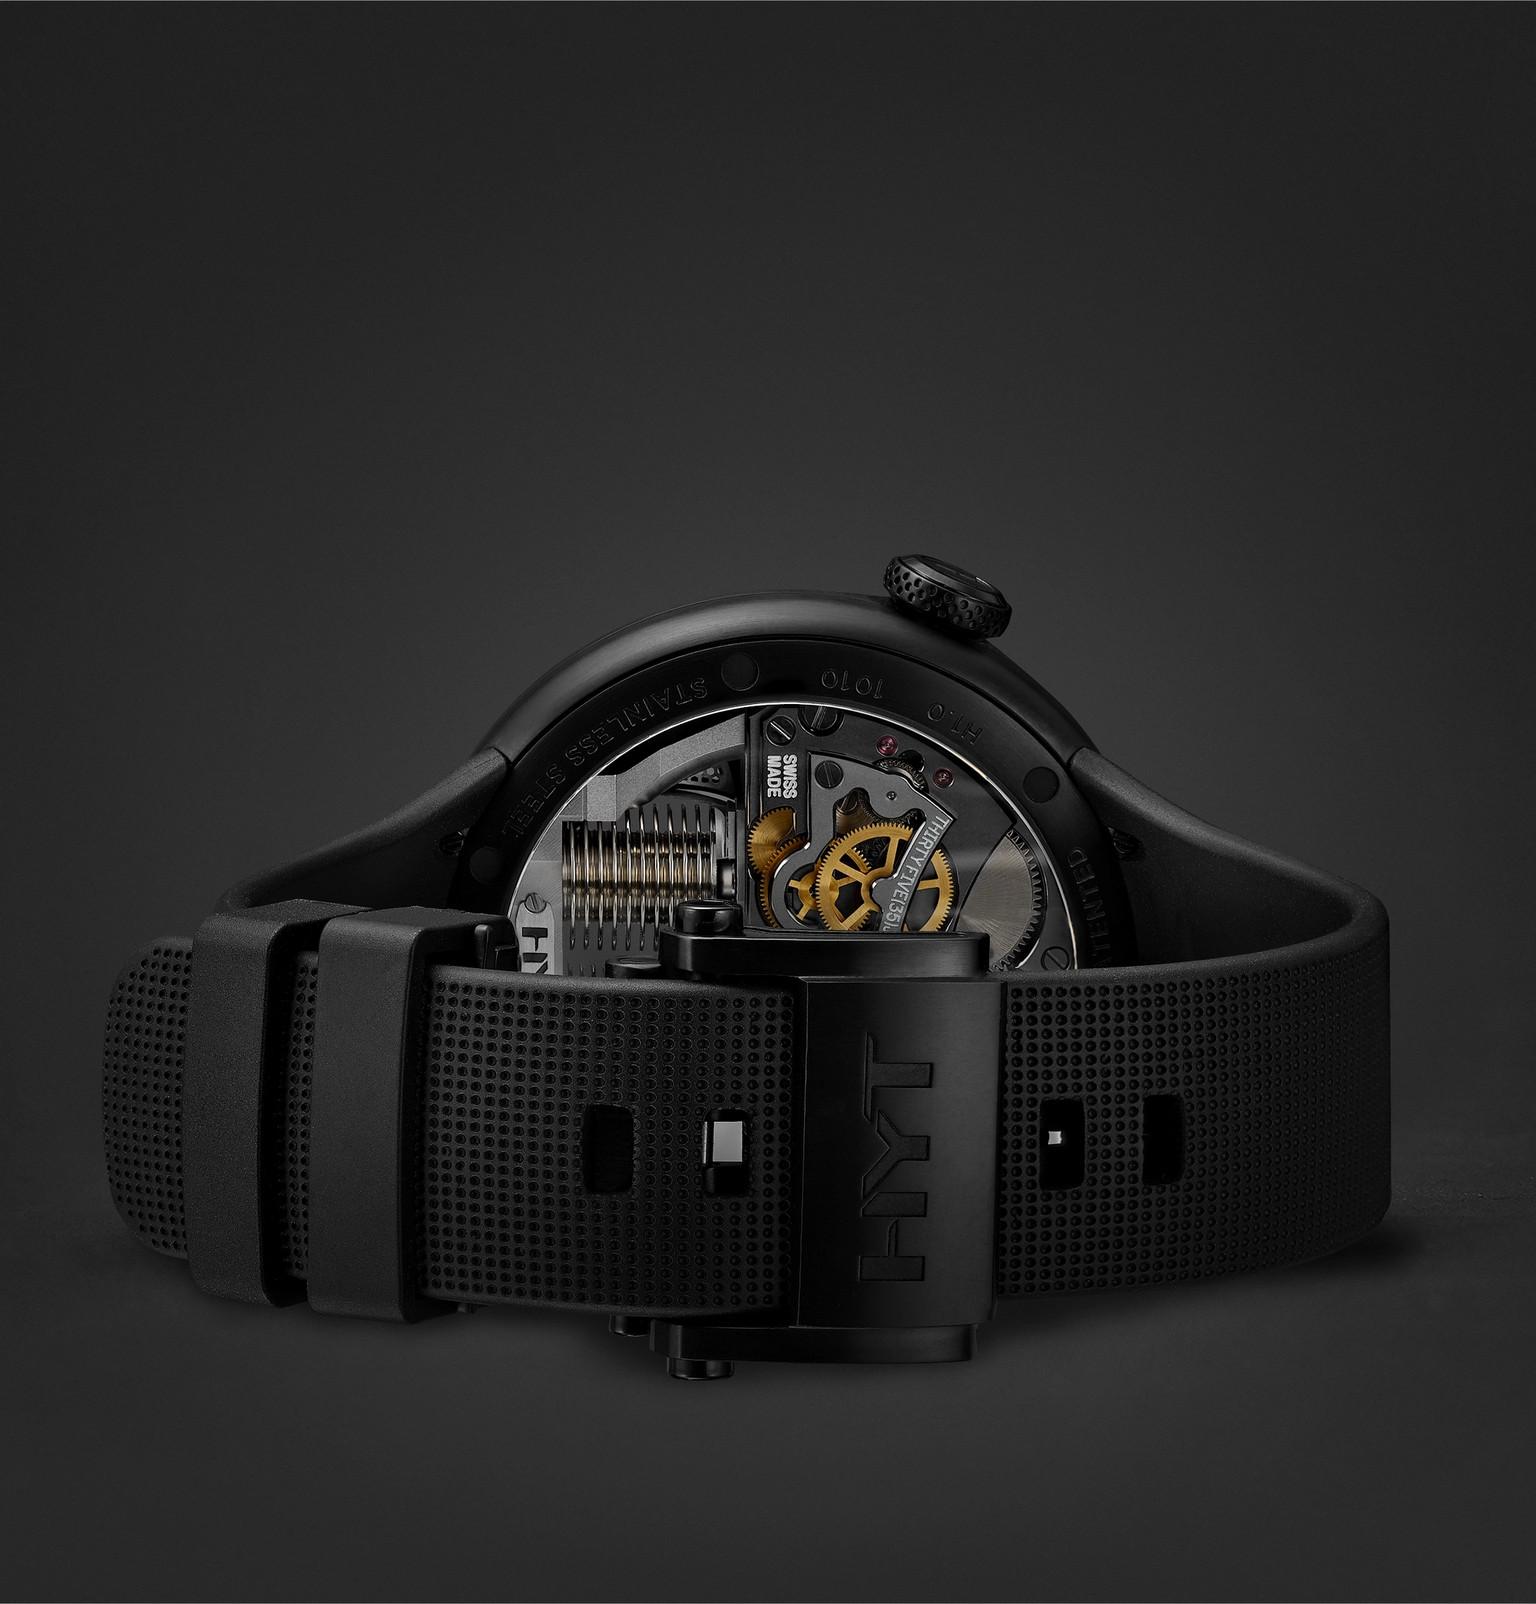 HYT H1.0 Black MR PORTER Edition